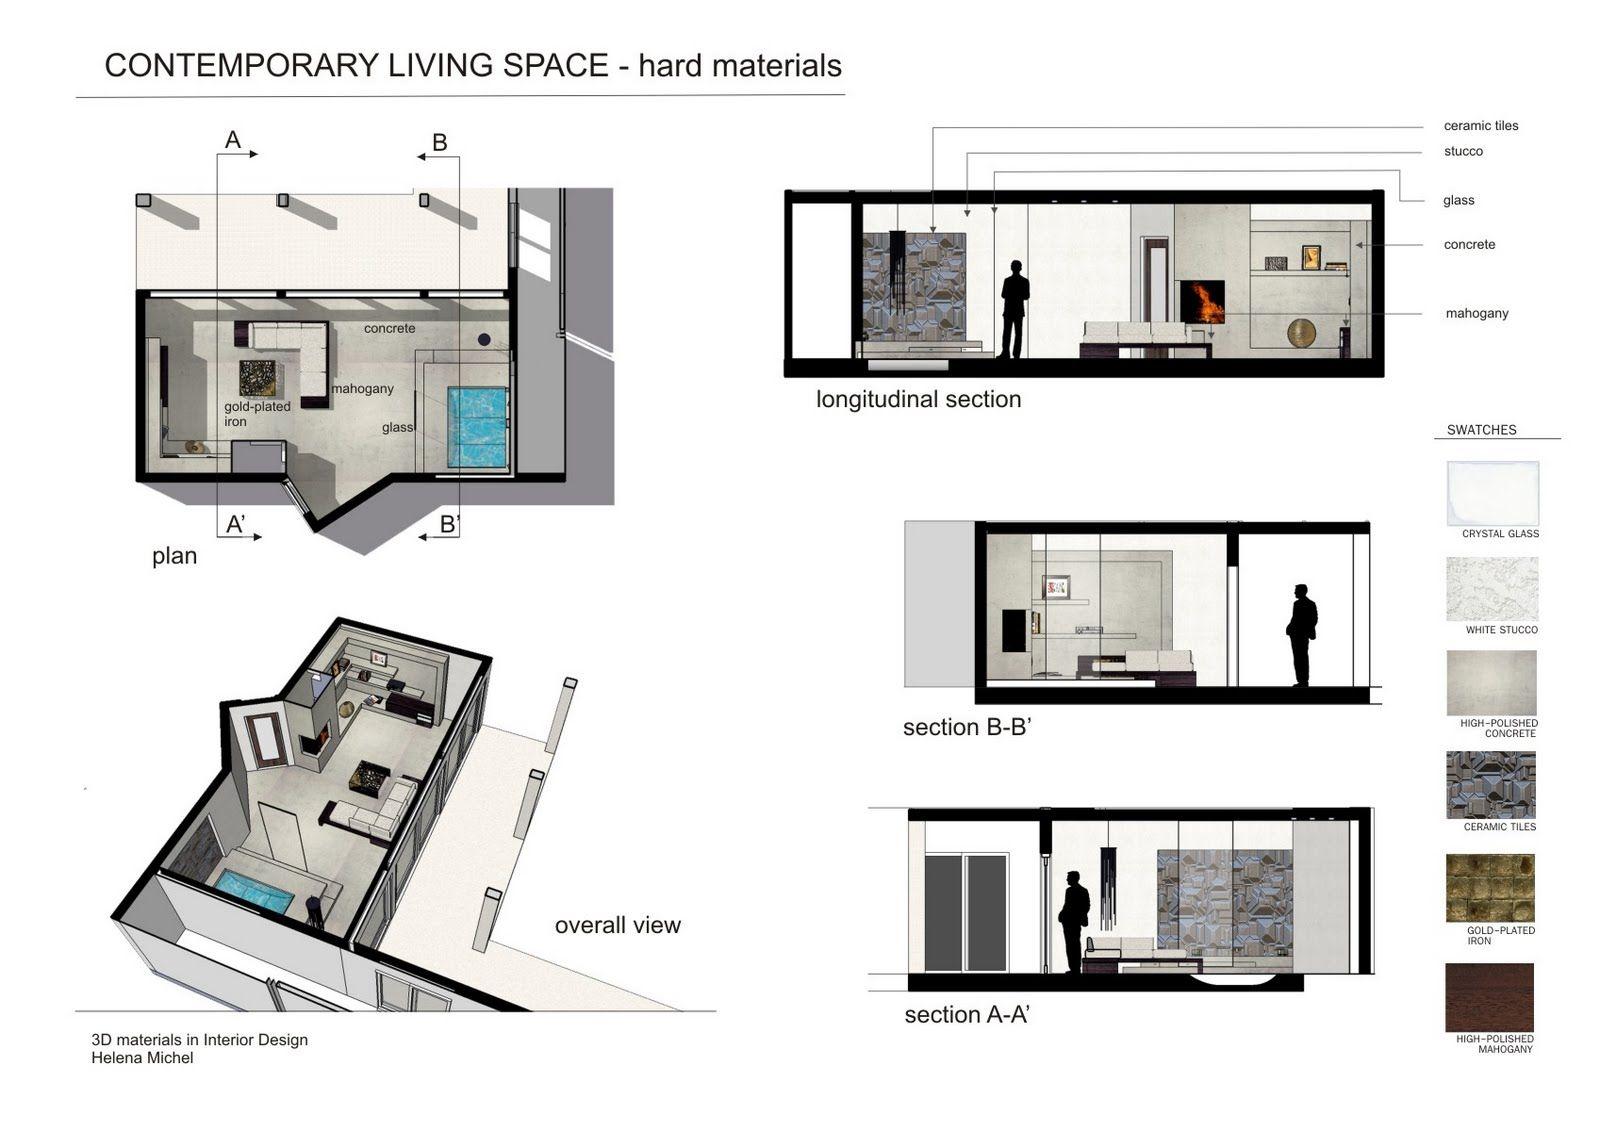 Design Architecture Helena MichelJpg  Pixels